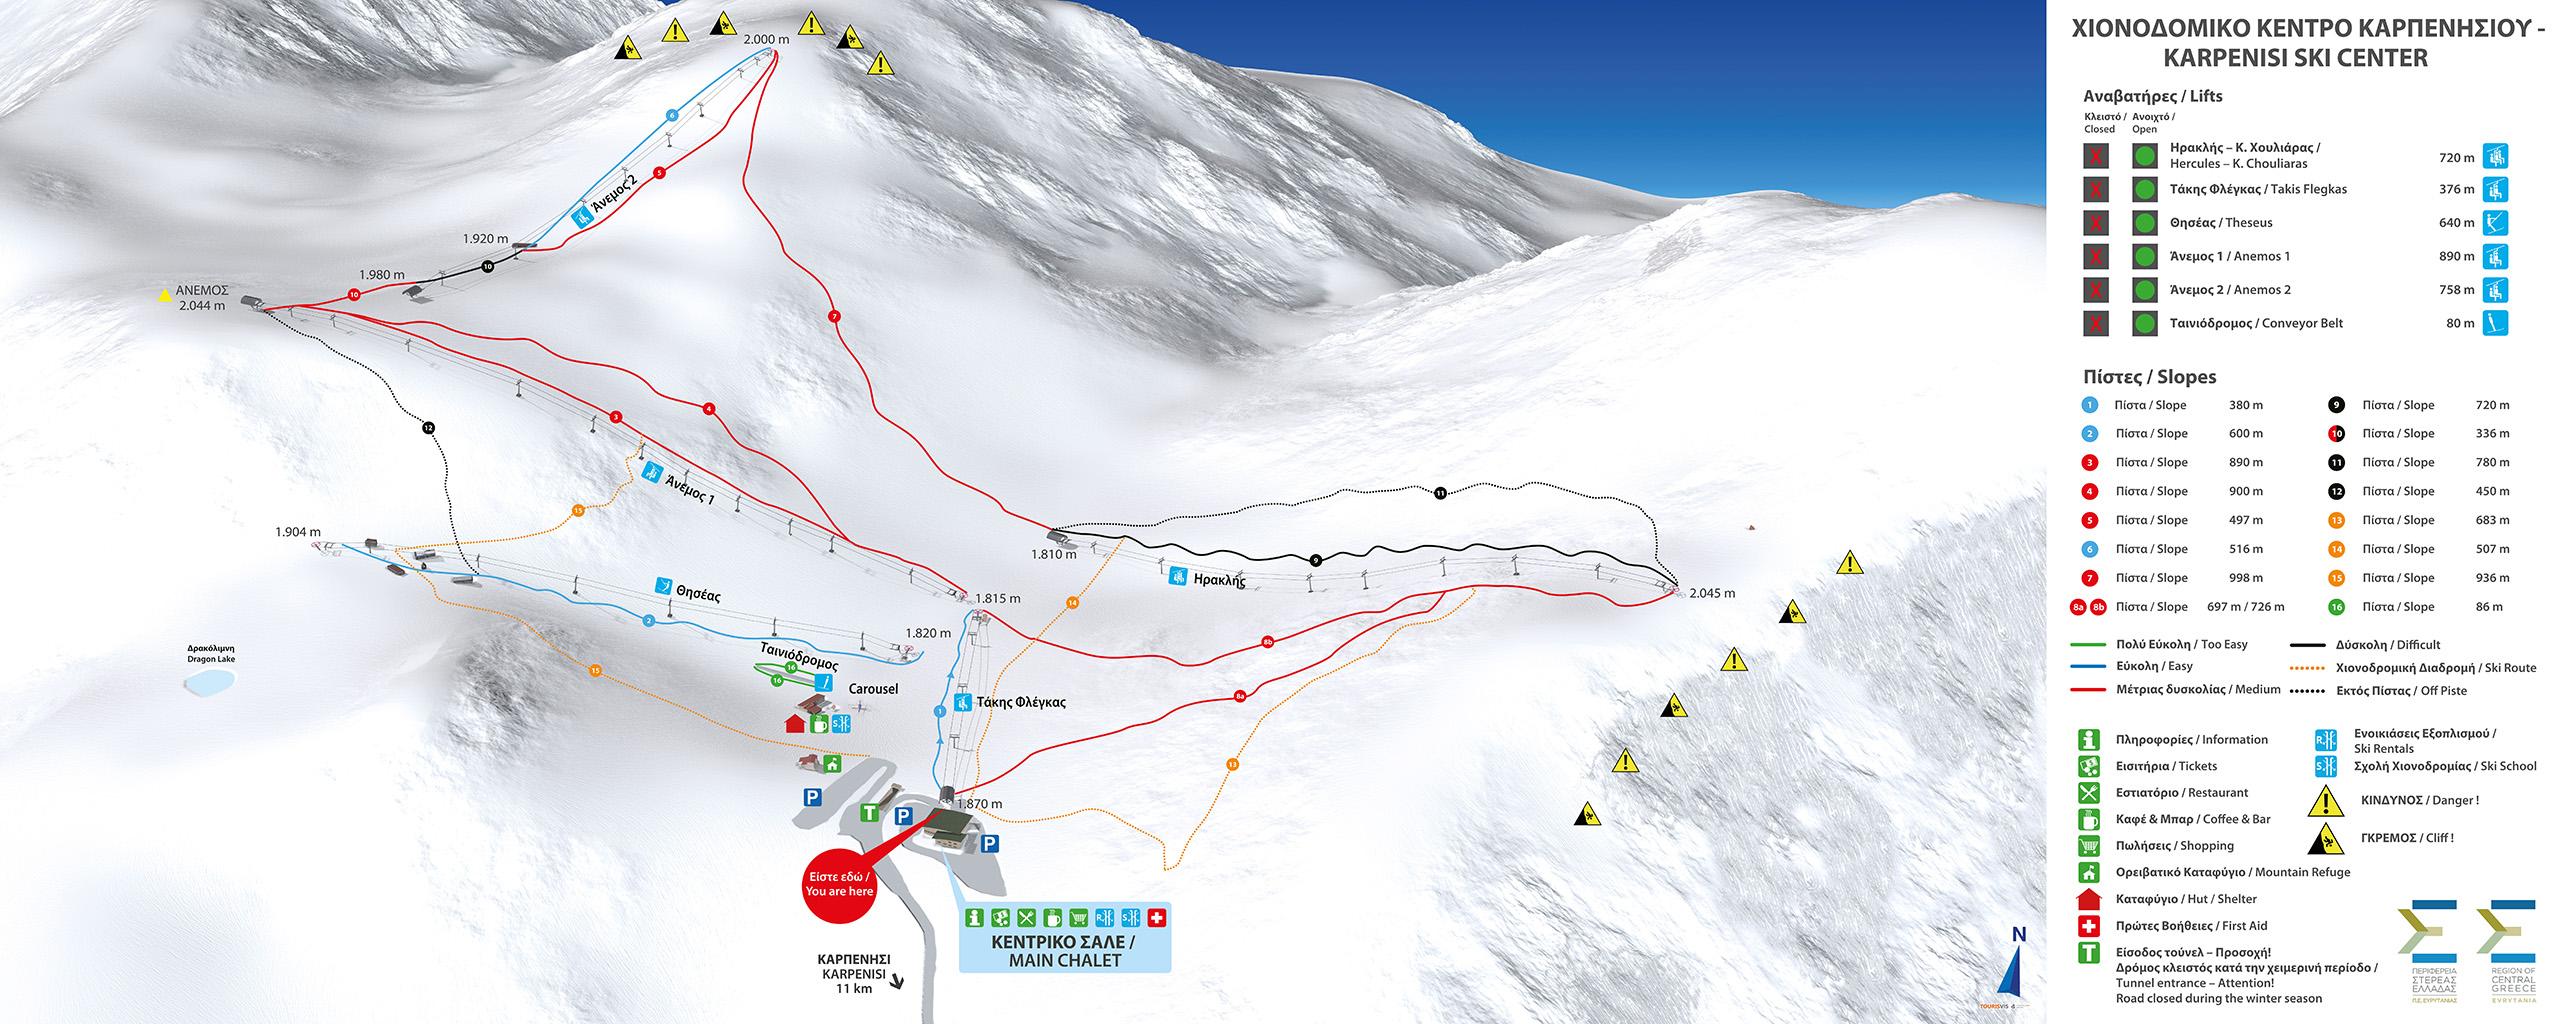 3D Pistenplan und Panoramakarte Karpenisi Skicenter Griechenland